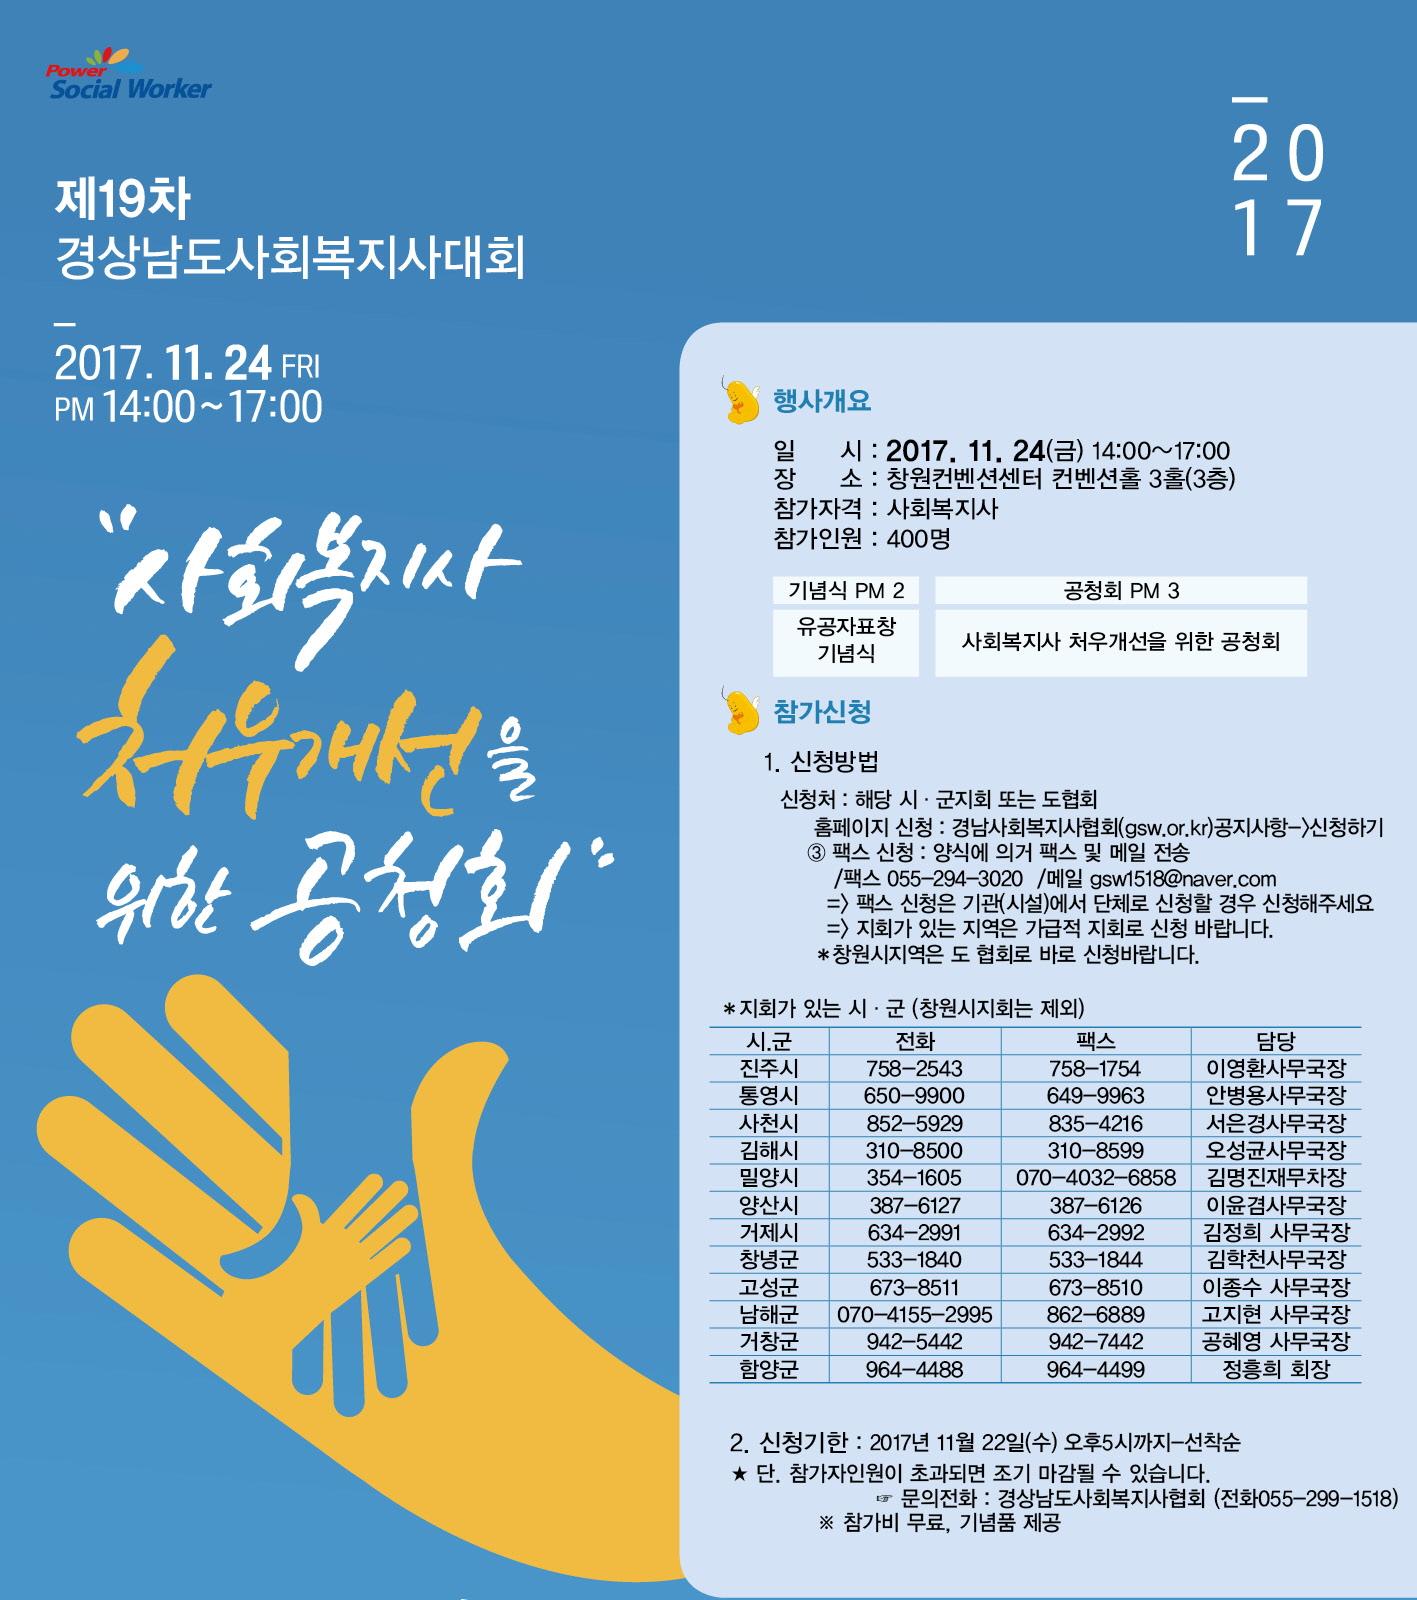 꾸미기_복지사대회홈피팝업.jpg